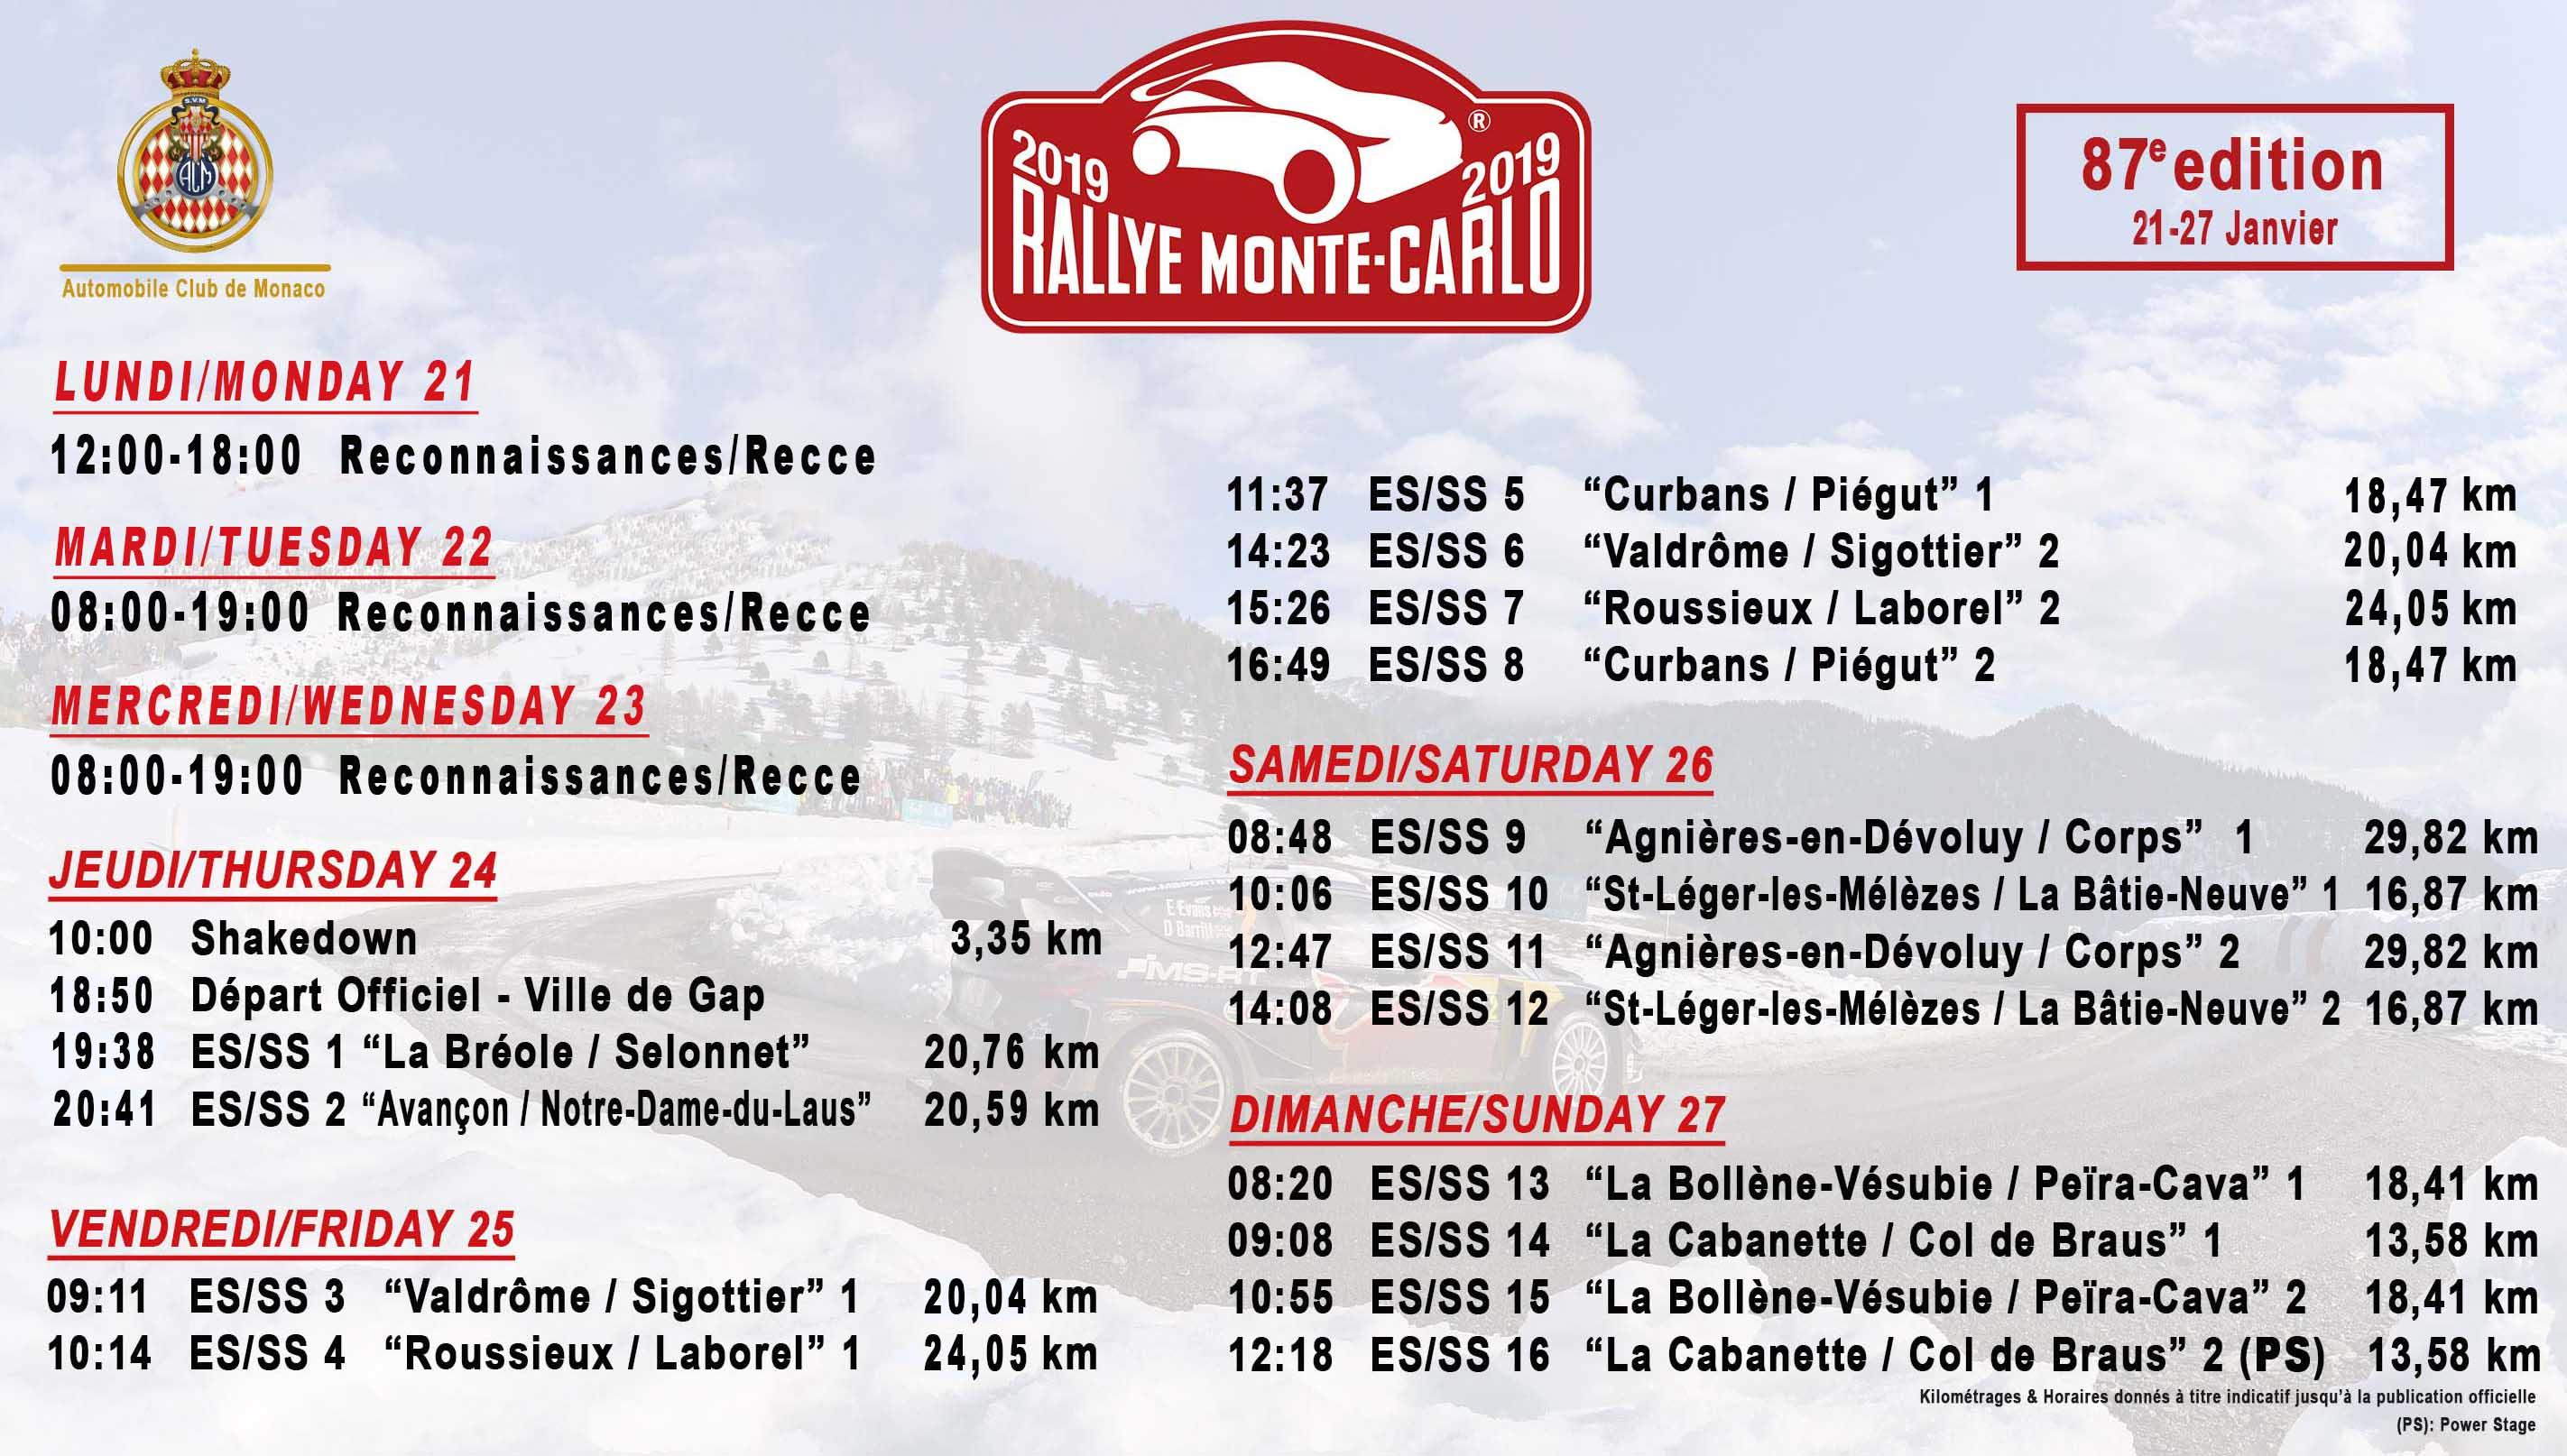 [WRC] 2019 - Rallye Monte-Carlo Parcours-2019-new